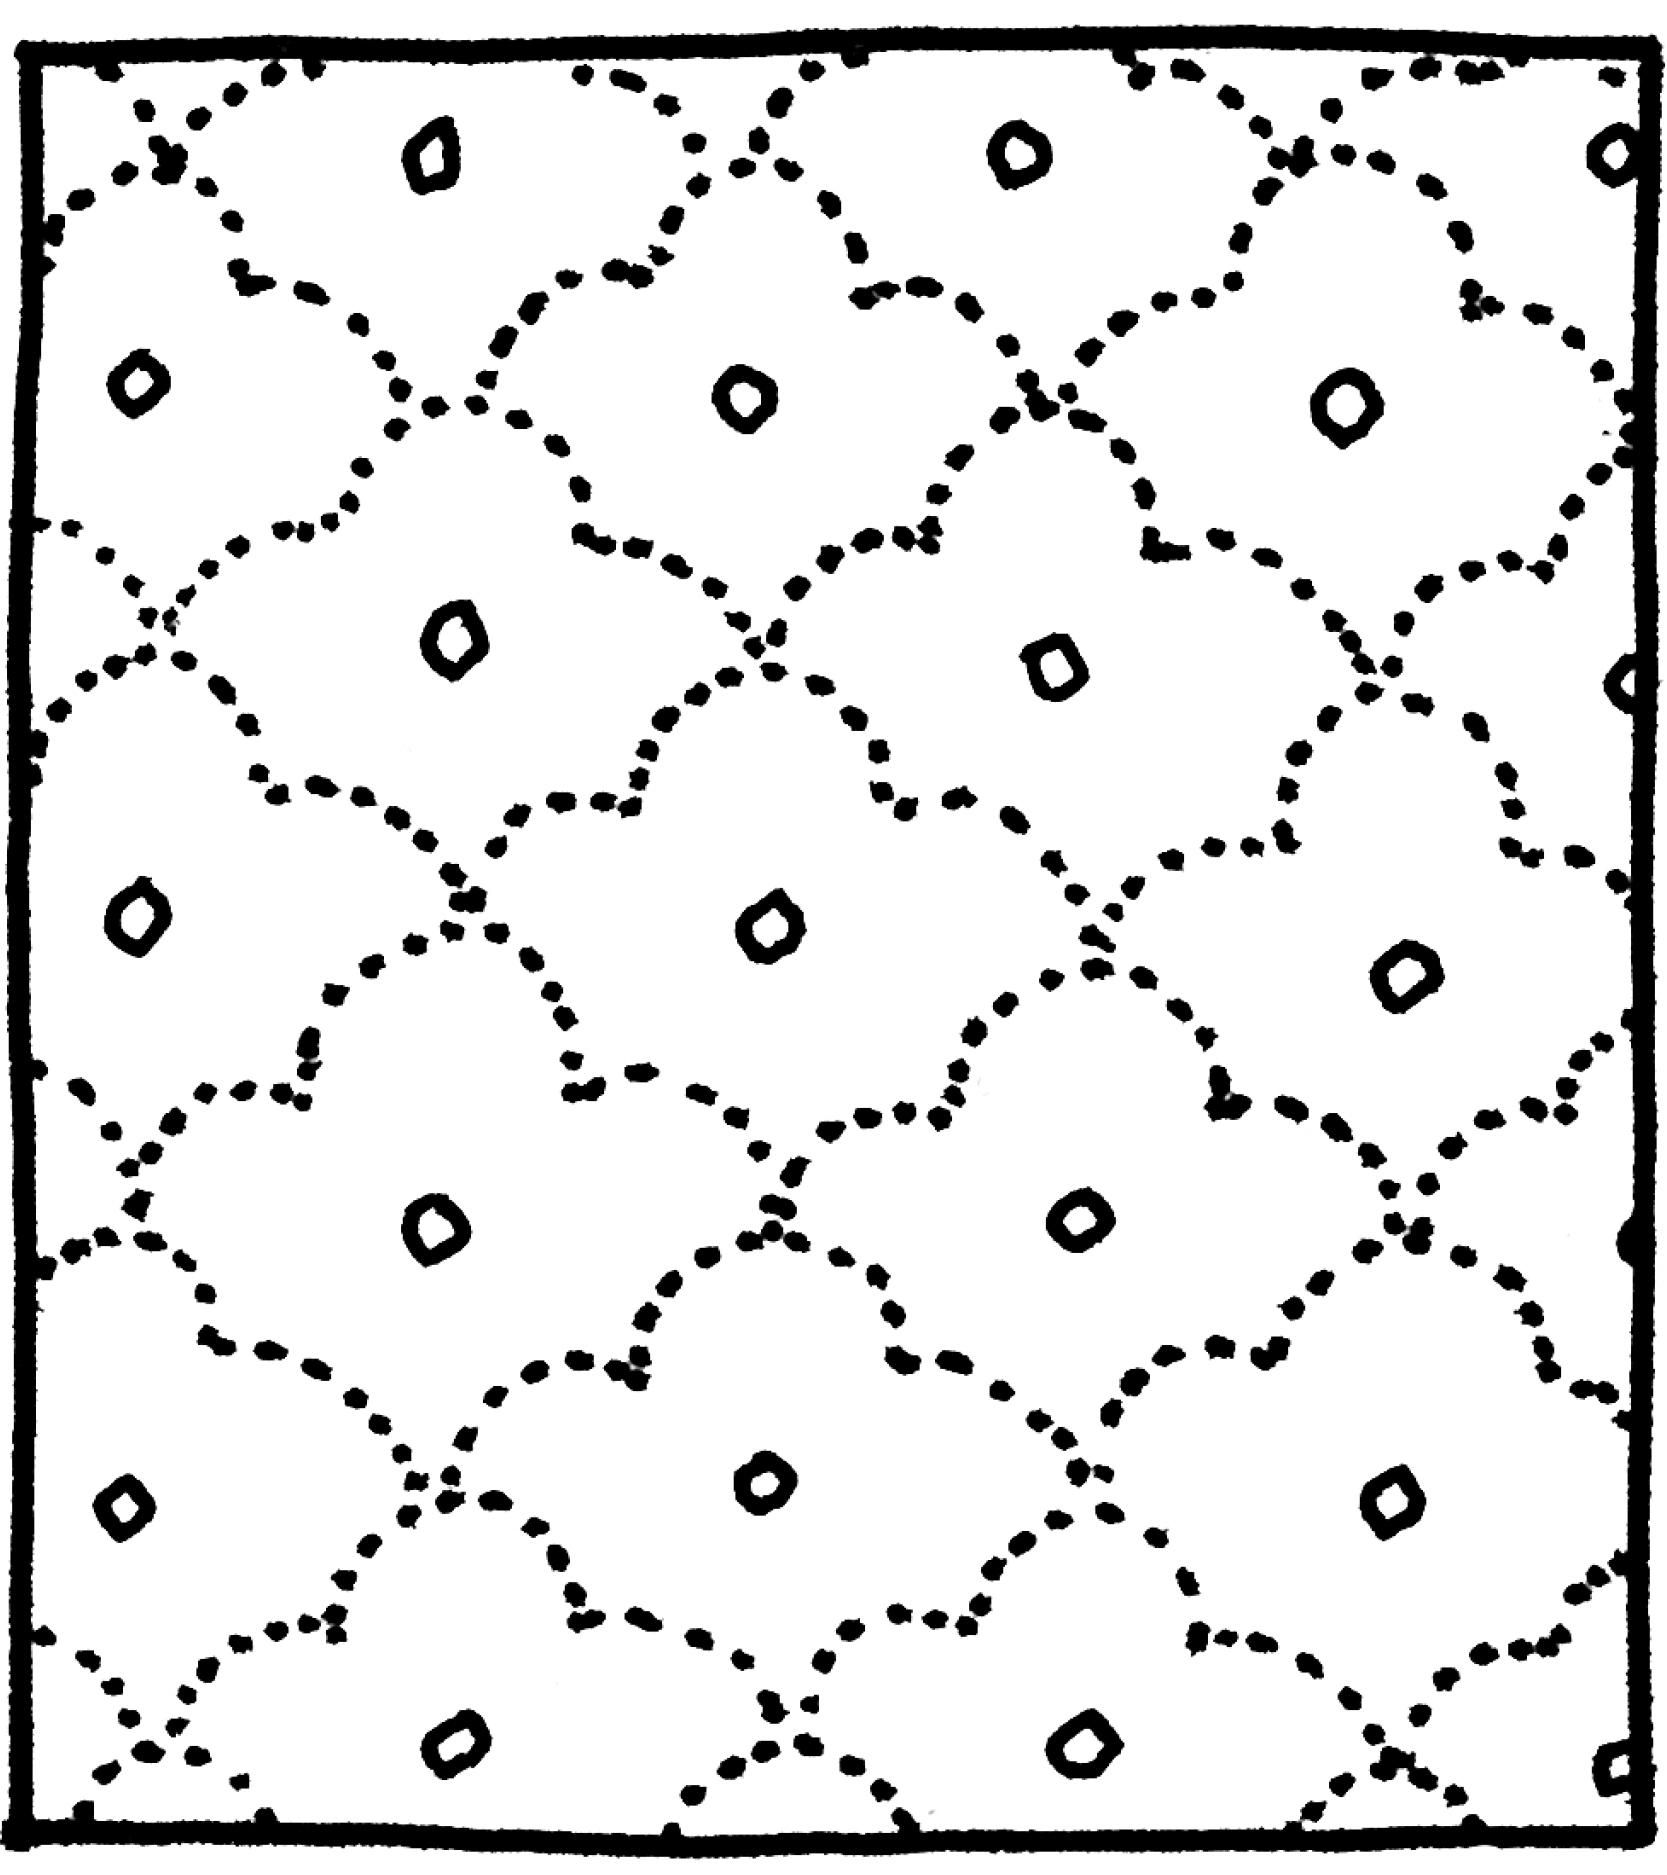 Valencia_patterns21.jpg